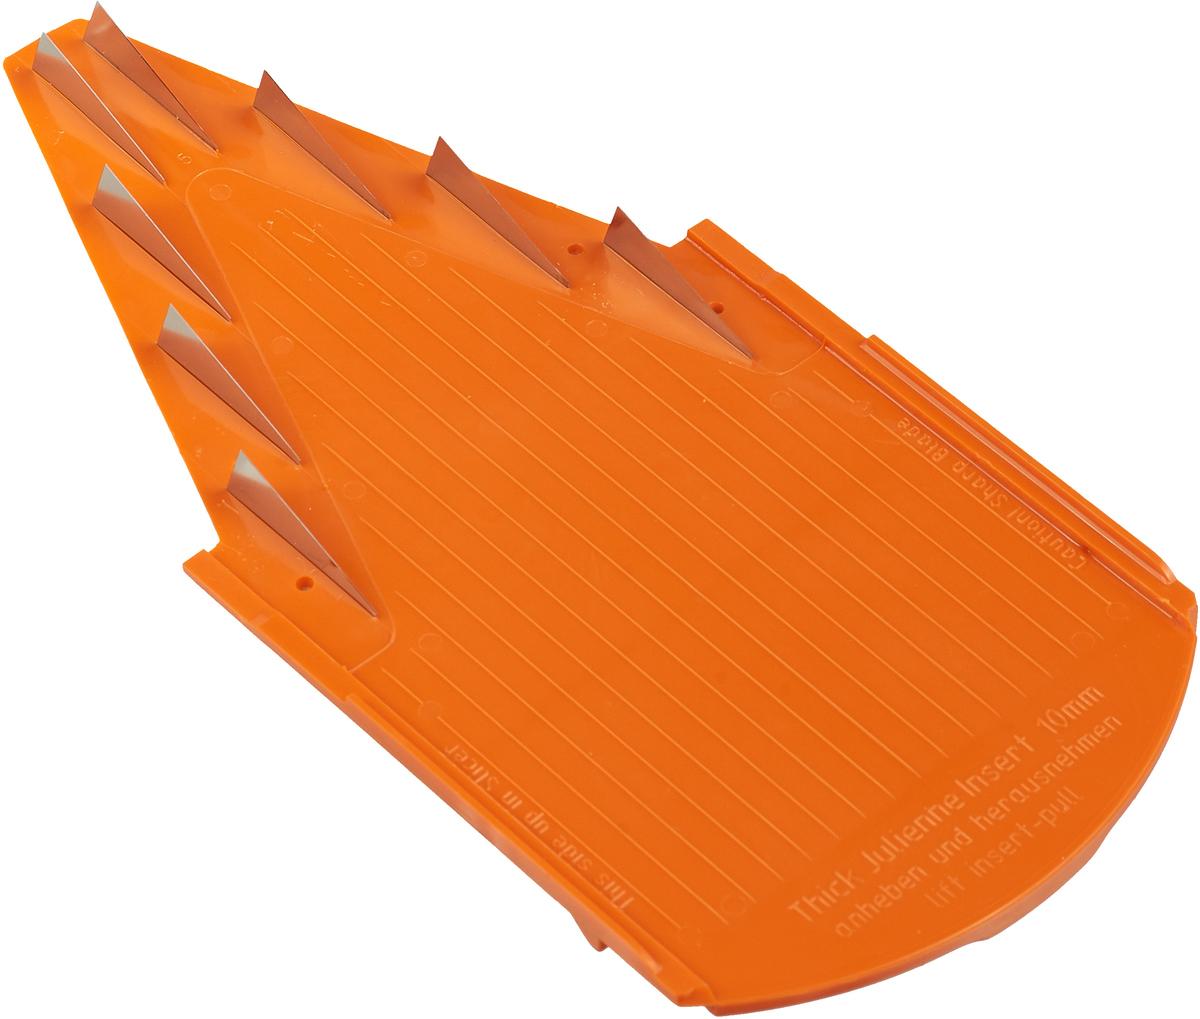 Дополнительная вставка для овощерезки выполнена в виде V-образной рамы с ножами 10 мм из пластика и металла. Вставка подходит для нарезки любых овощей и фруктов на длинные или короткие брусочки, крупные кубики. Характеристики: Материал: пластик, металл. Цвет: оранжевый. Размер: 21 см х 9,7 см. Длина ножей: 3 см. Высота ножей: 10 мм. Размер упаковки: 26 см х 10 см х 2 см. Производитель: Германия. Артикул: 119/3.